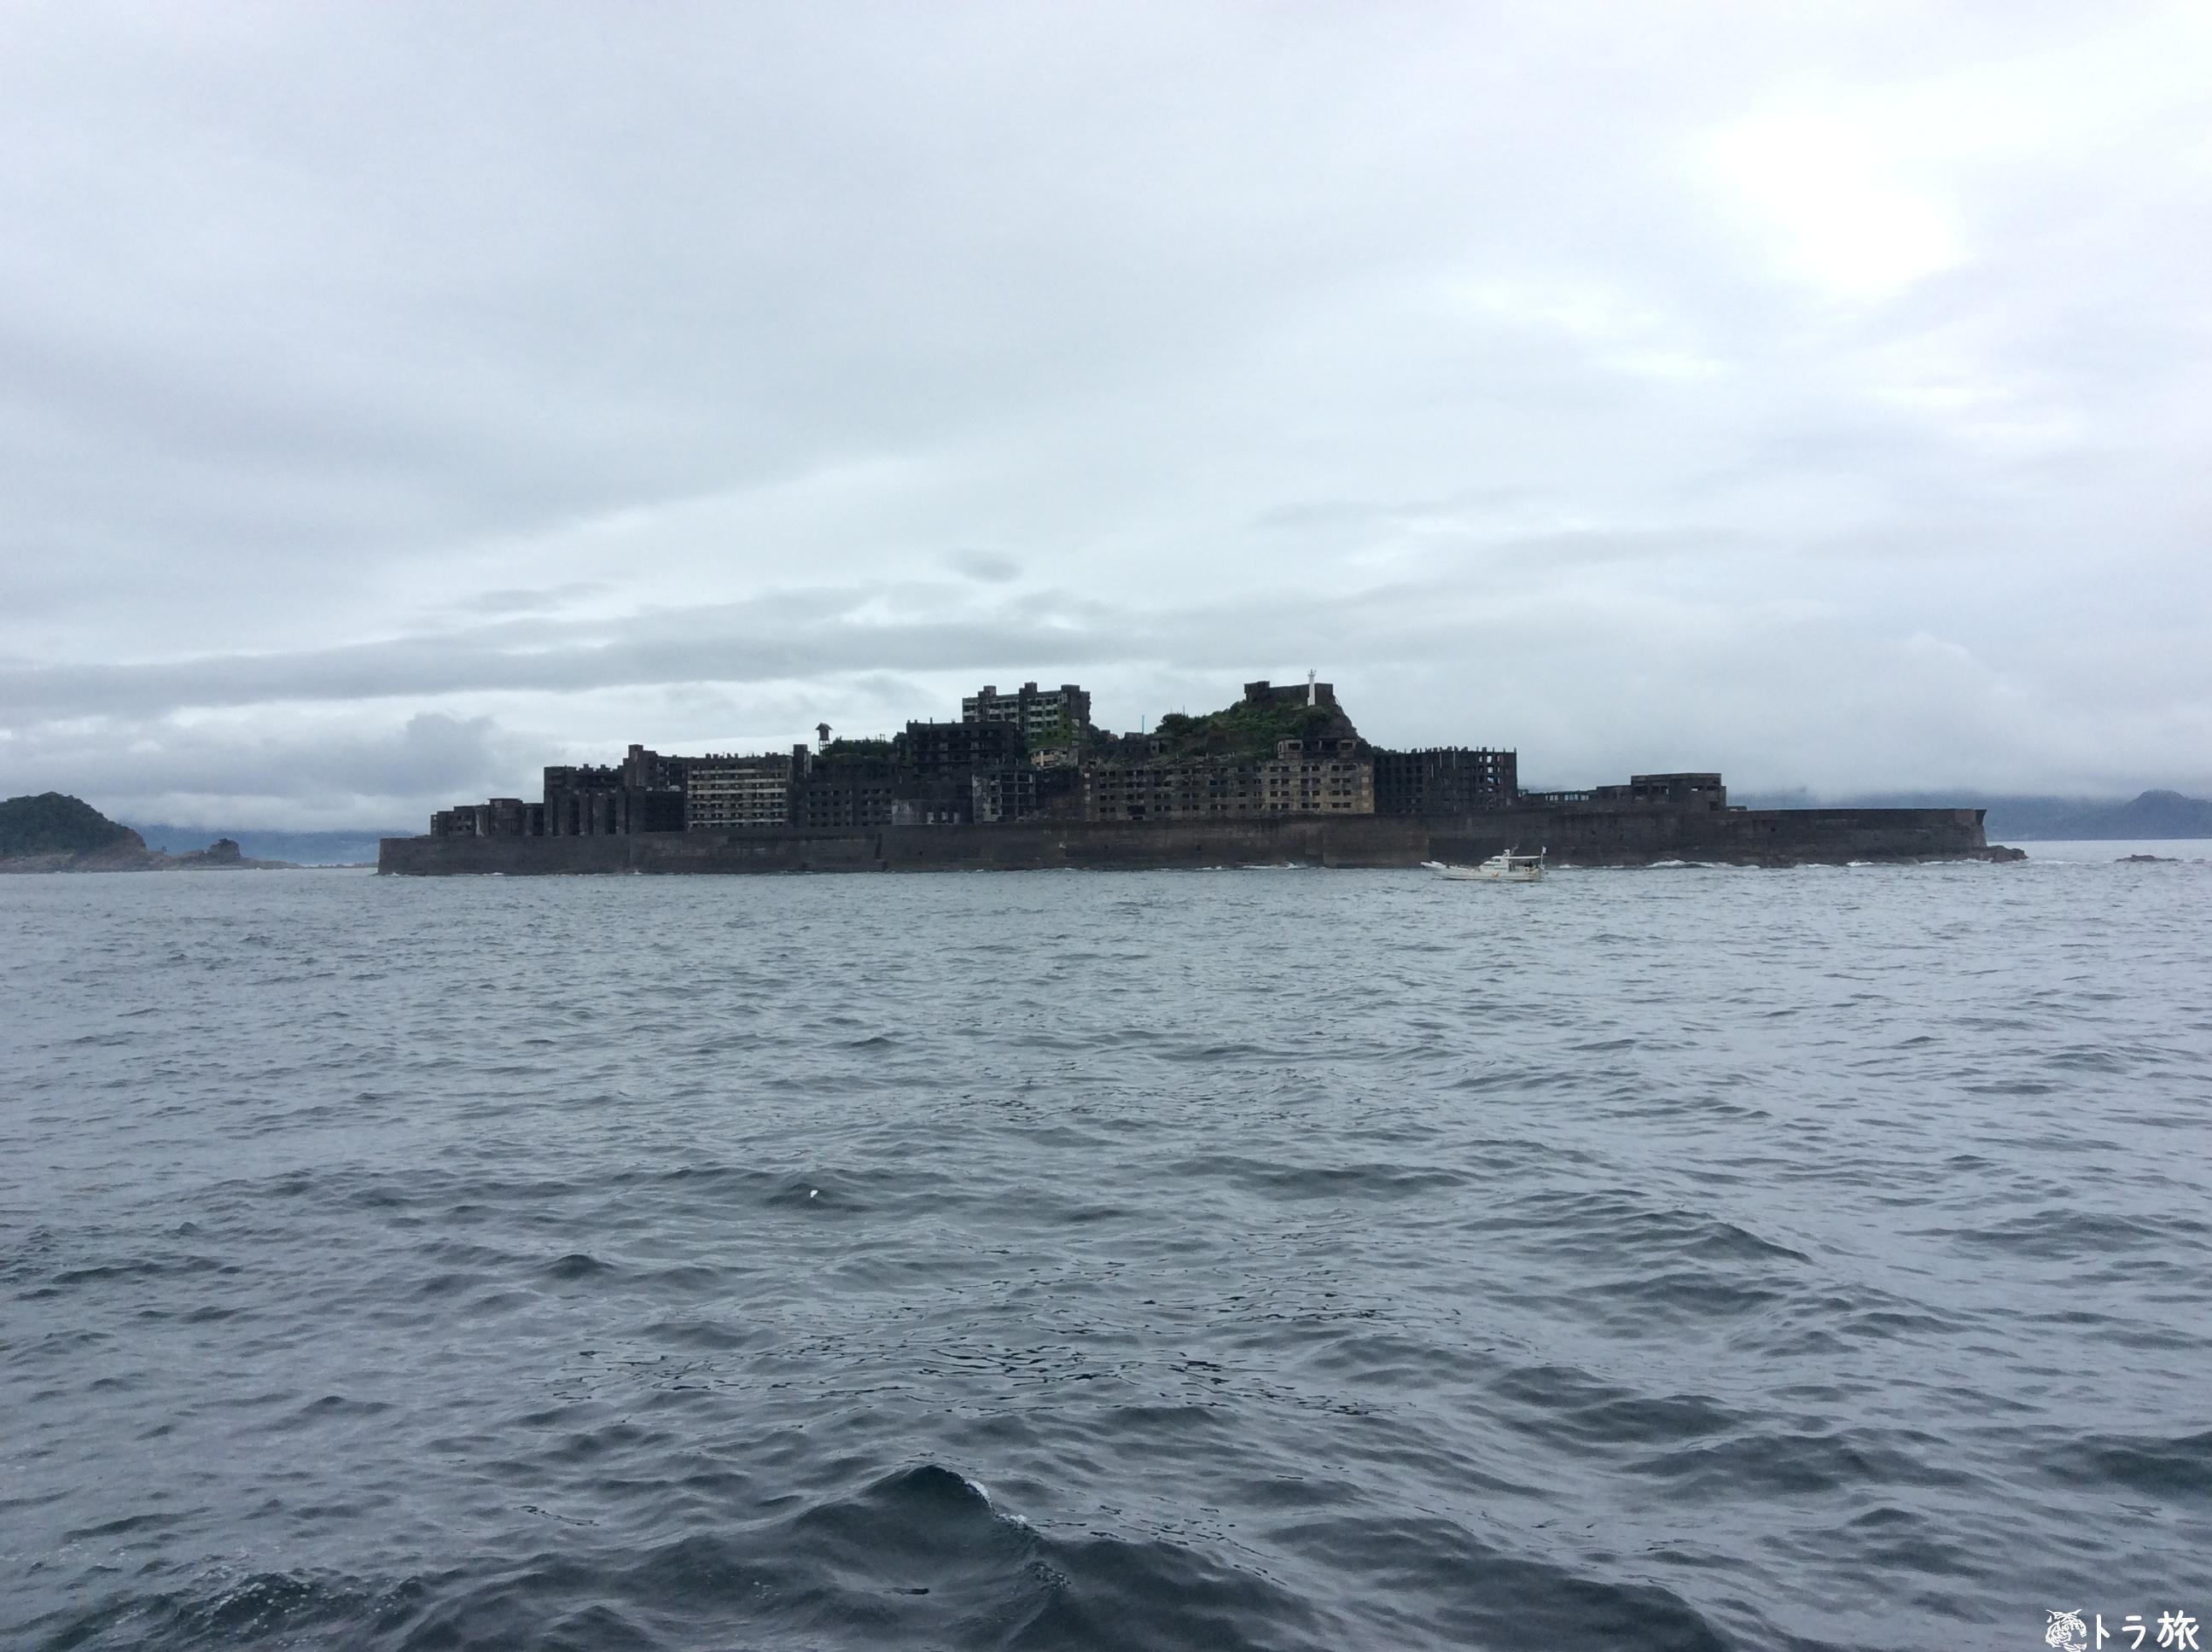 軍艦島ツアーは上陸しなくても満足できるのか【周遊ツアー感想】